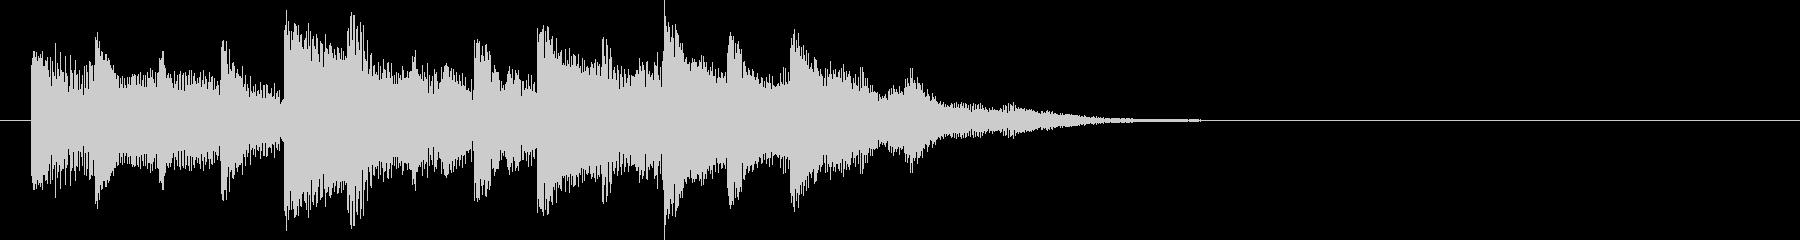 木琴と電子音を融合したジングルの未再生の波形